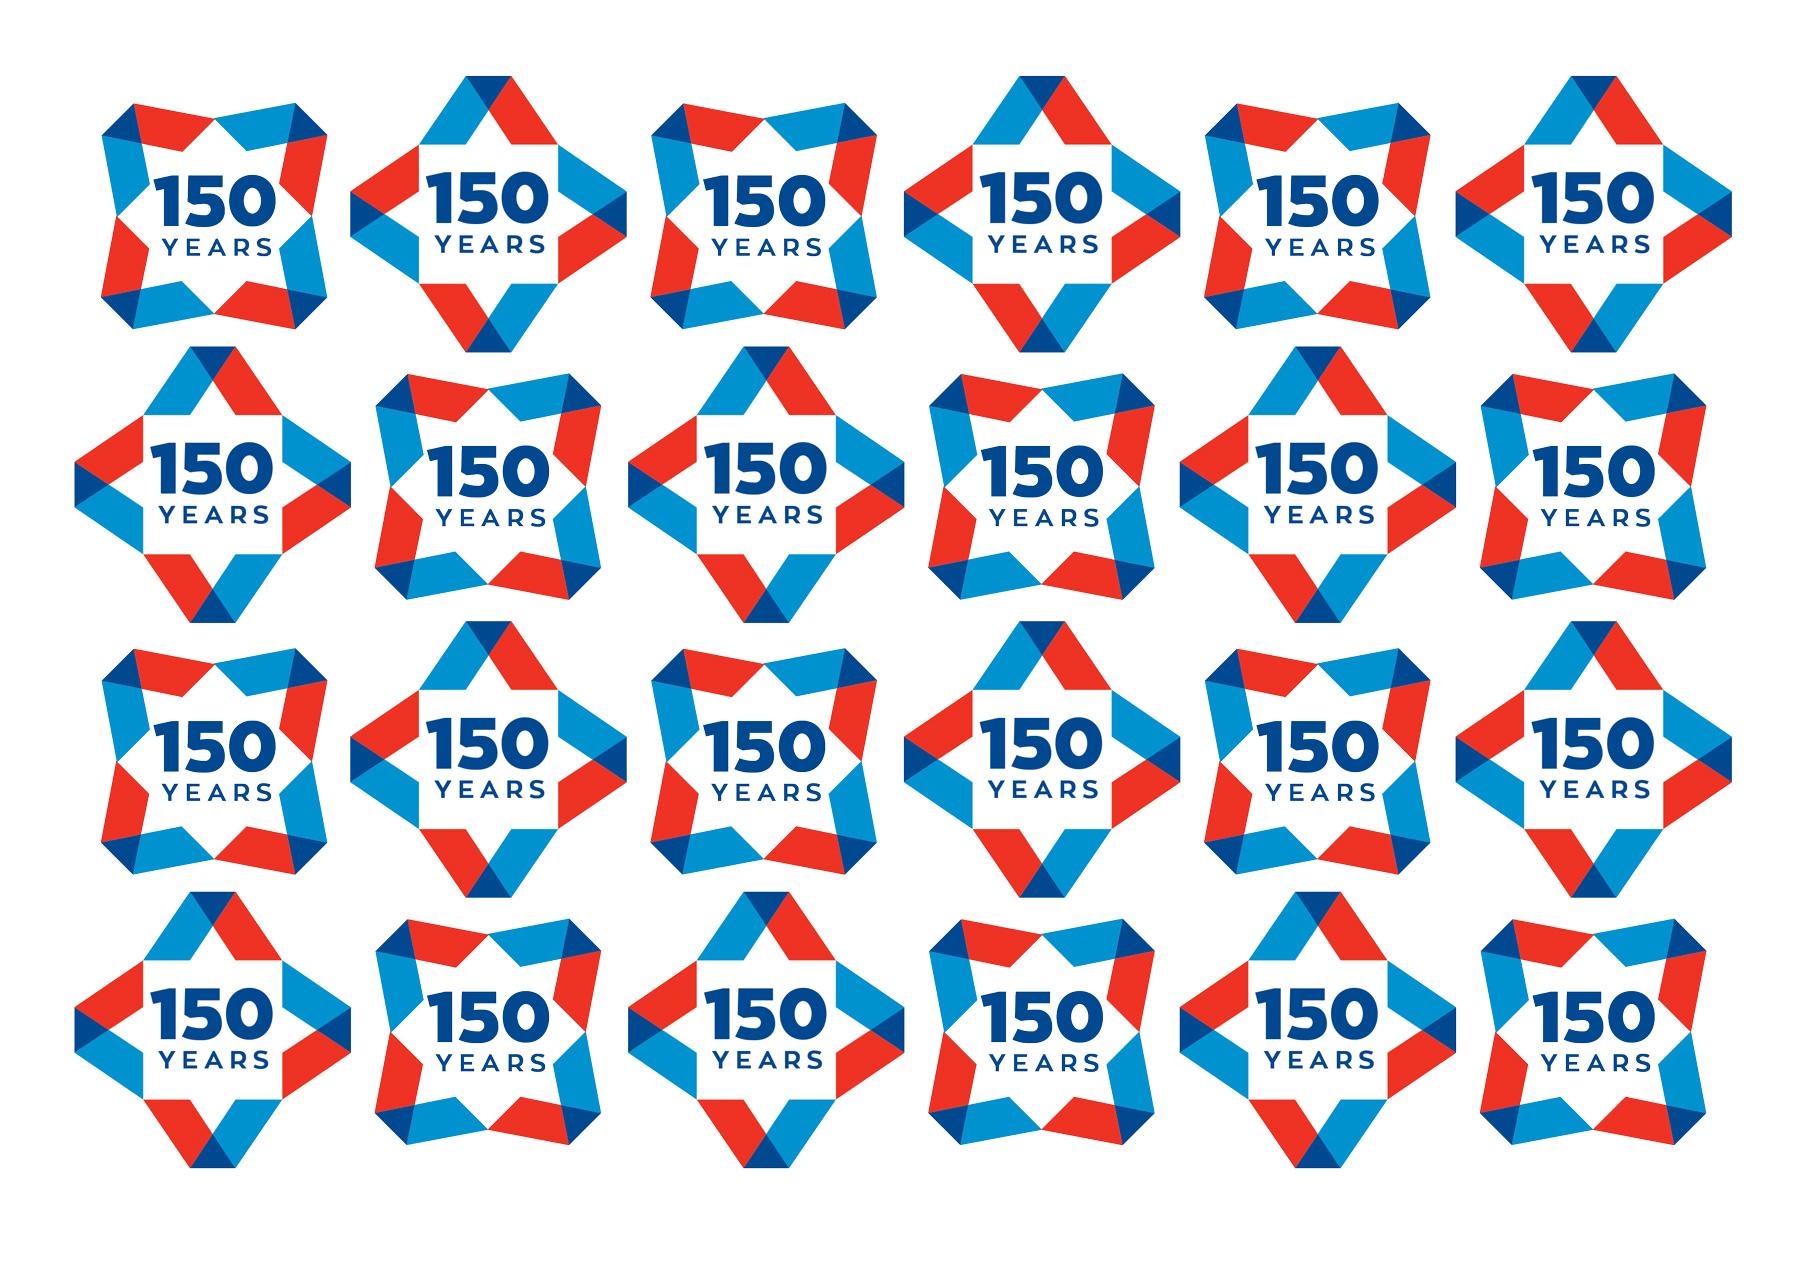 150-YEARS-BRANDING-2